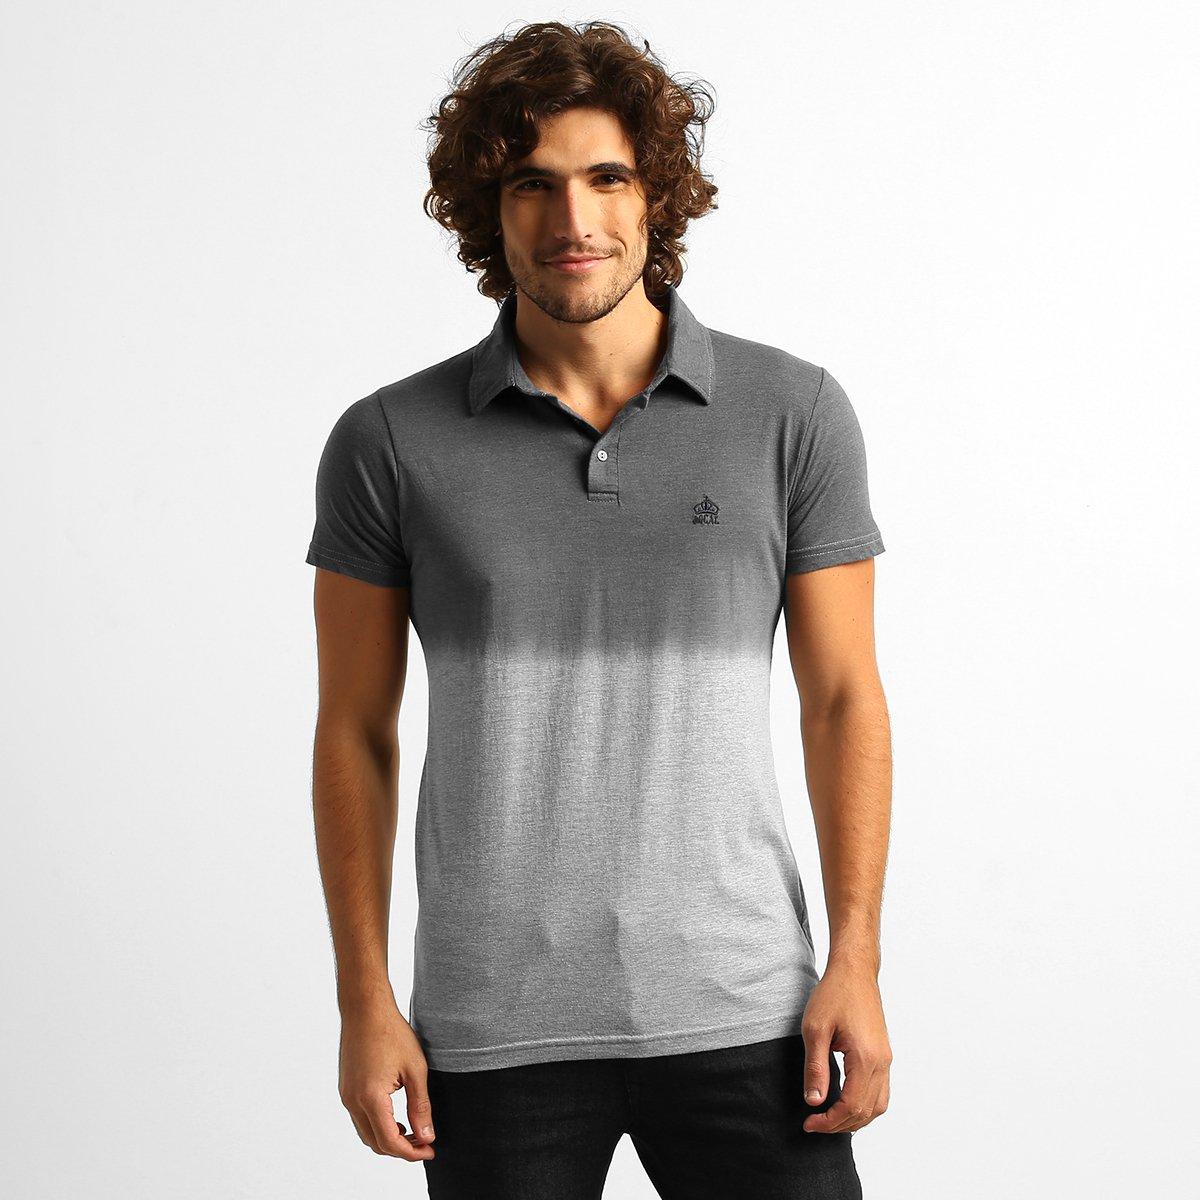 Camisa Polo Local Malha Degradê - Compre Agora  725a097bdc609